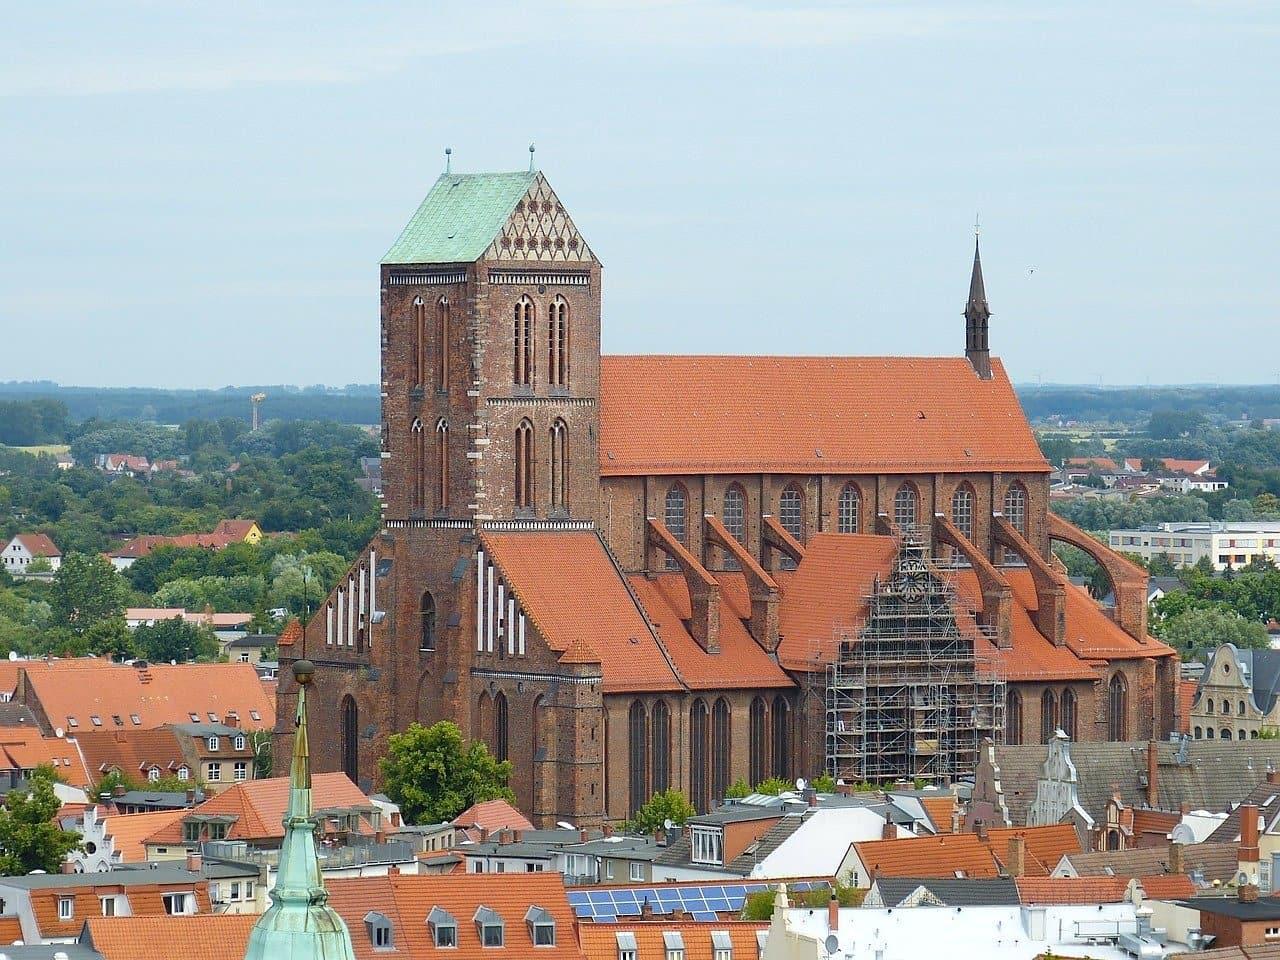 Sehenswertes Wismar St. Nikolai Kirche